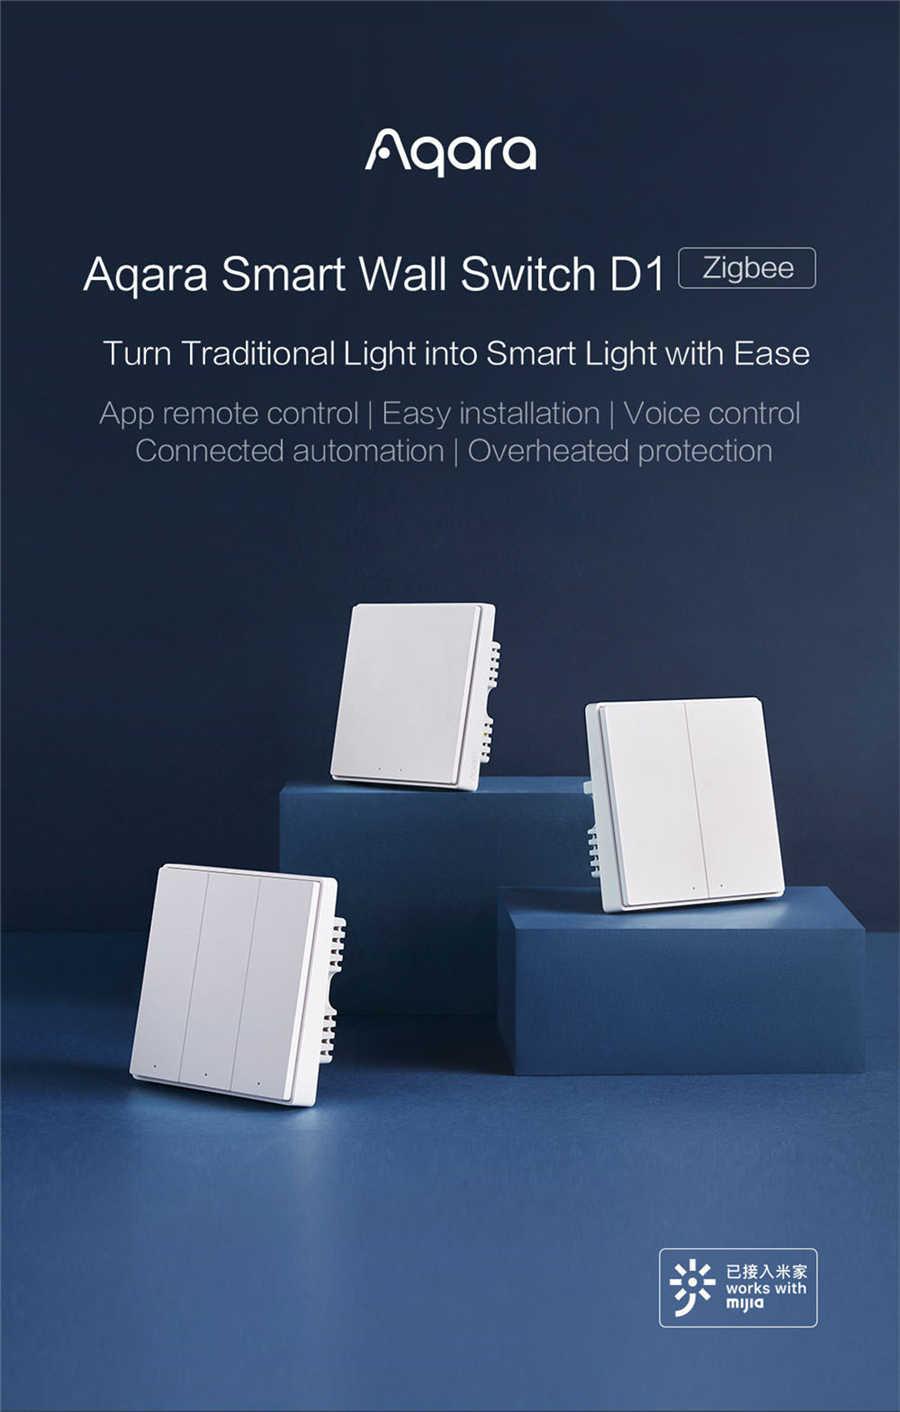 Aqara スマート壁スイッチ D1 zigbee 無線リモコンキーライトスイッチ中立火災ワイヤートリプルボタン xiaomi スマートホーム